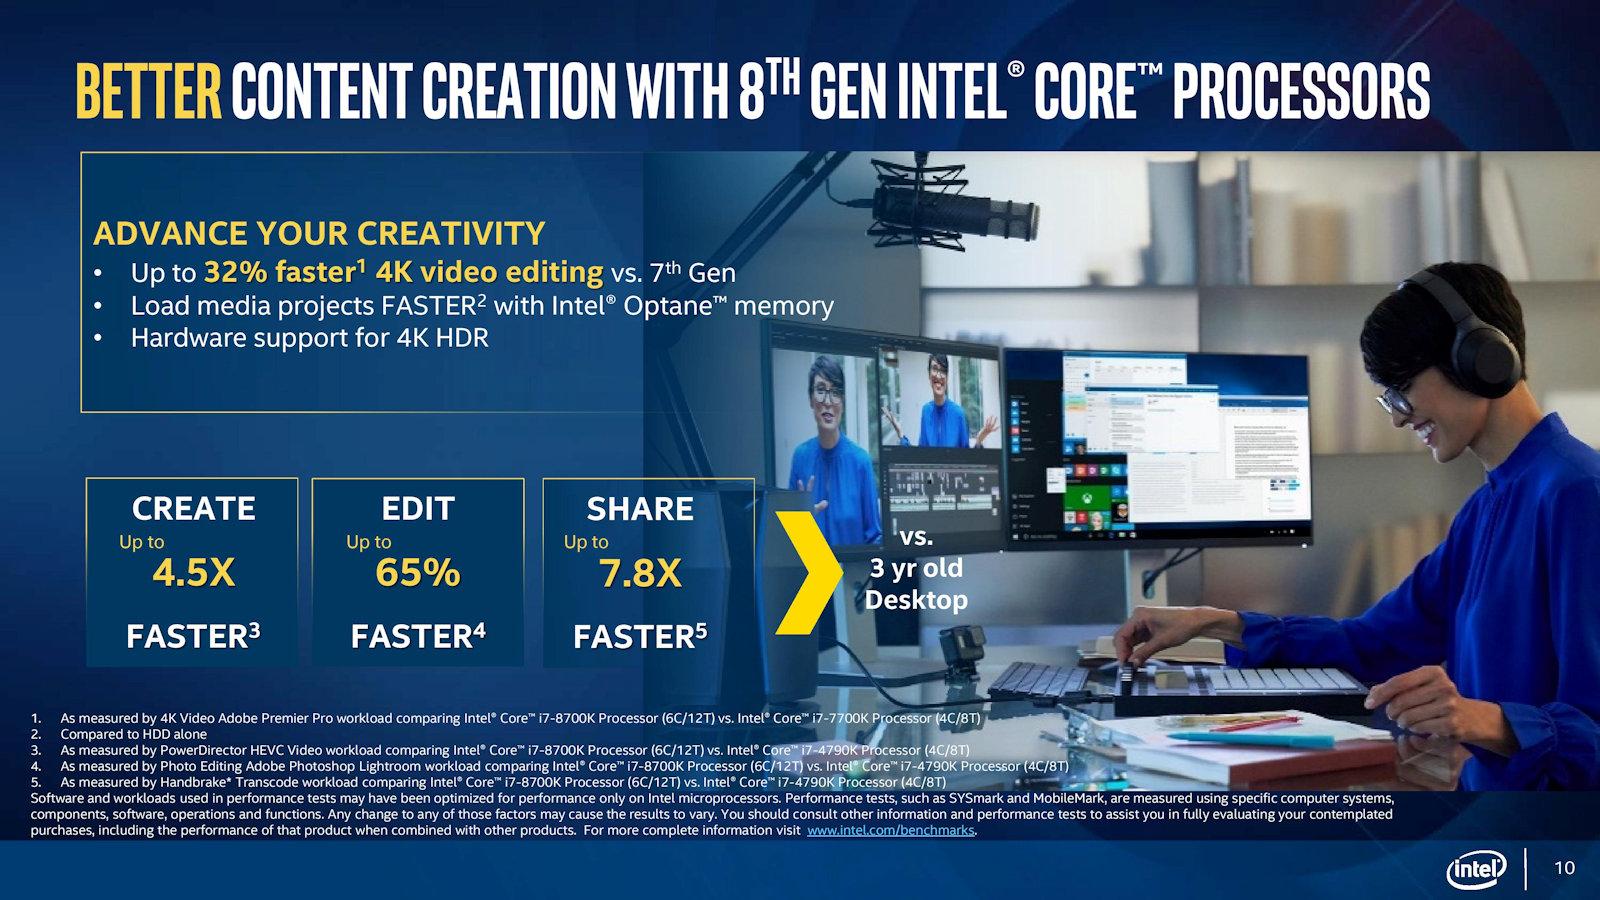 Intel announces 8th Gen Intel Core Processors Family for